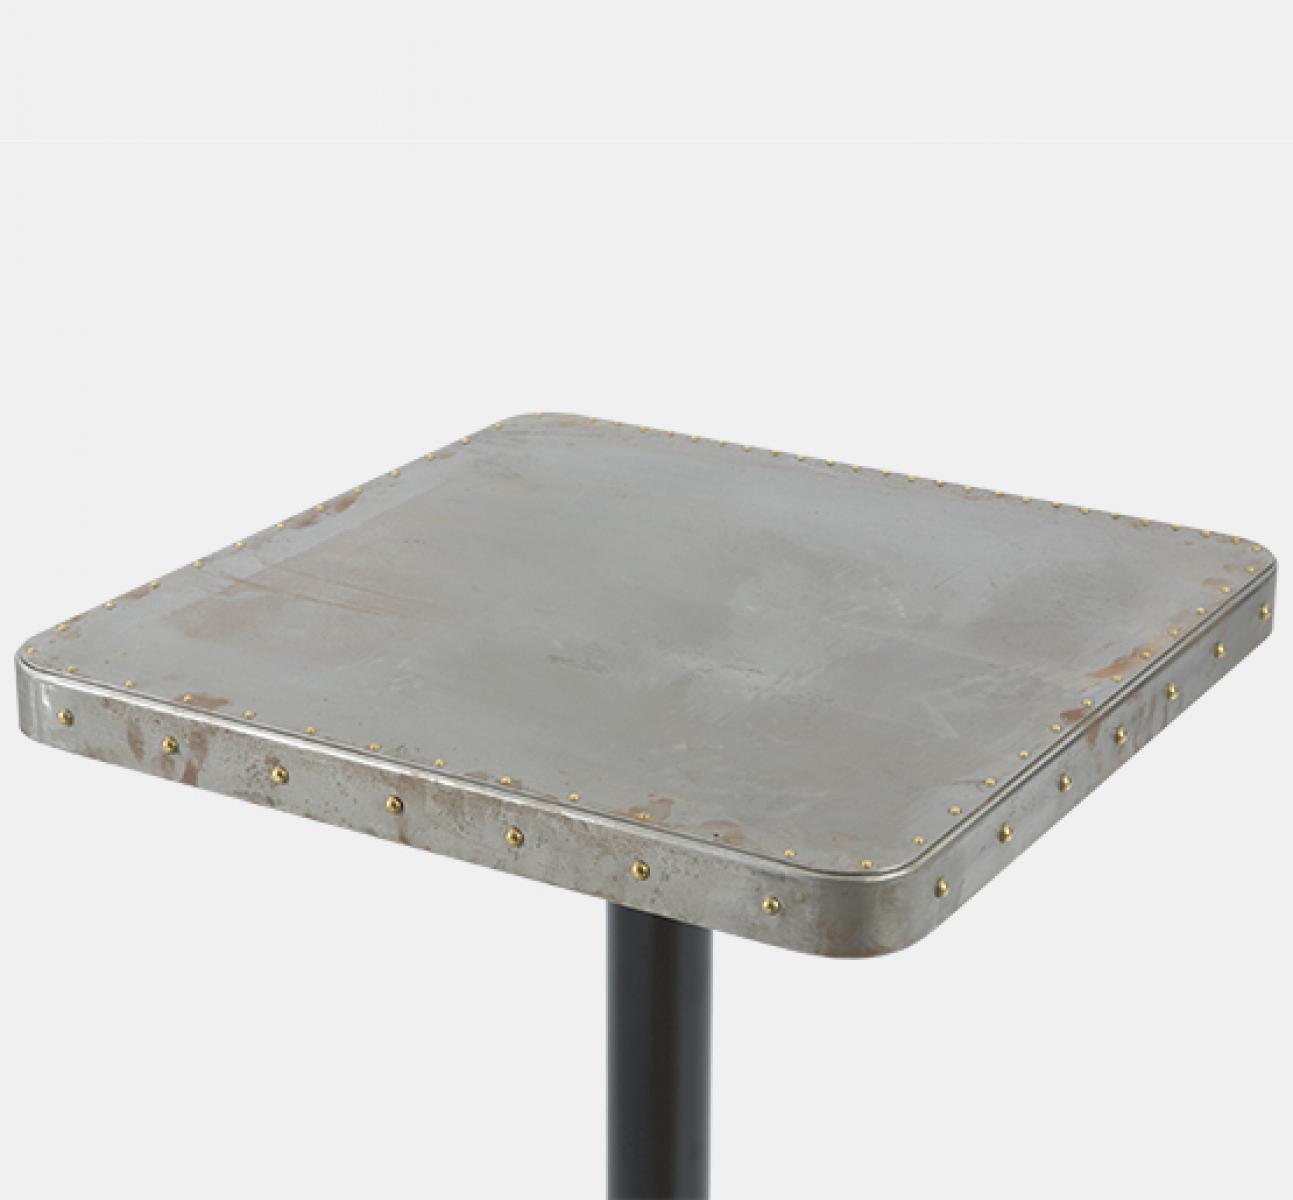 Orlando Square Table Top